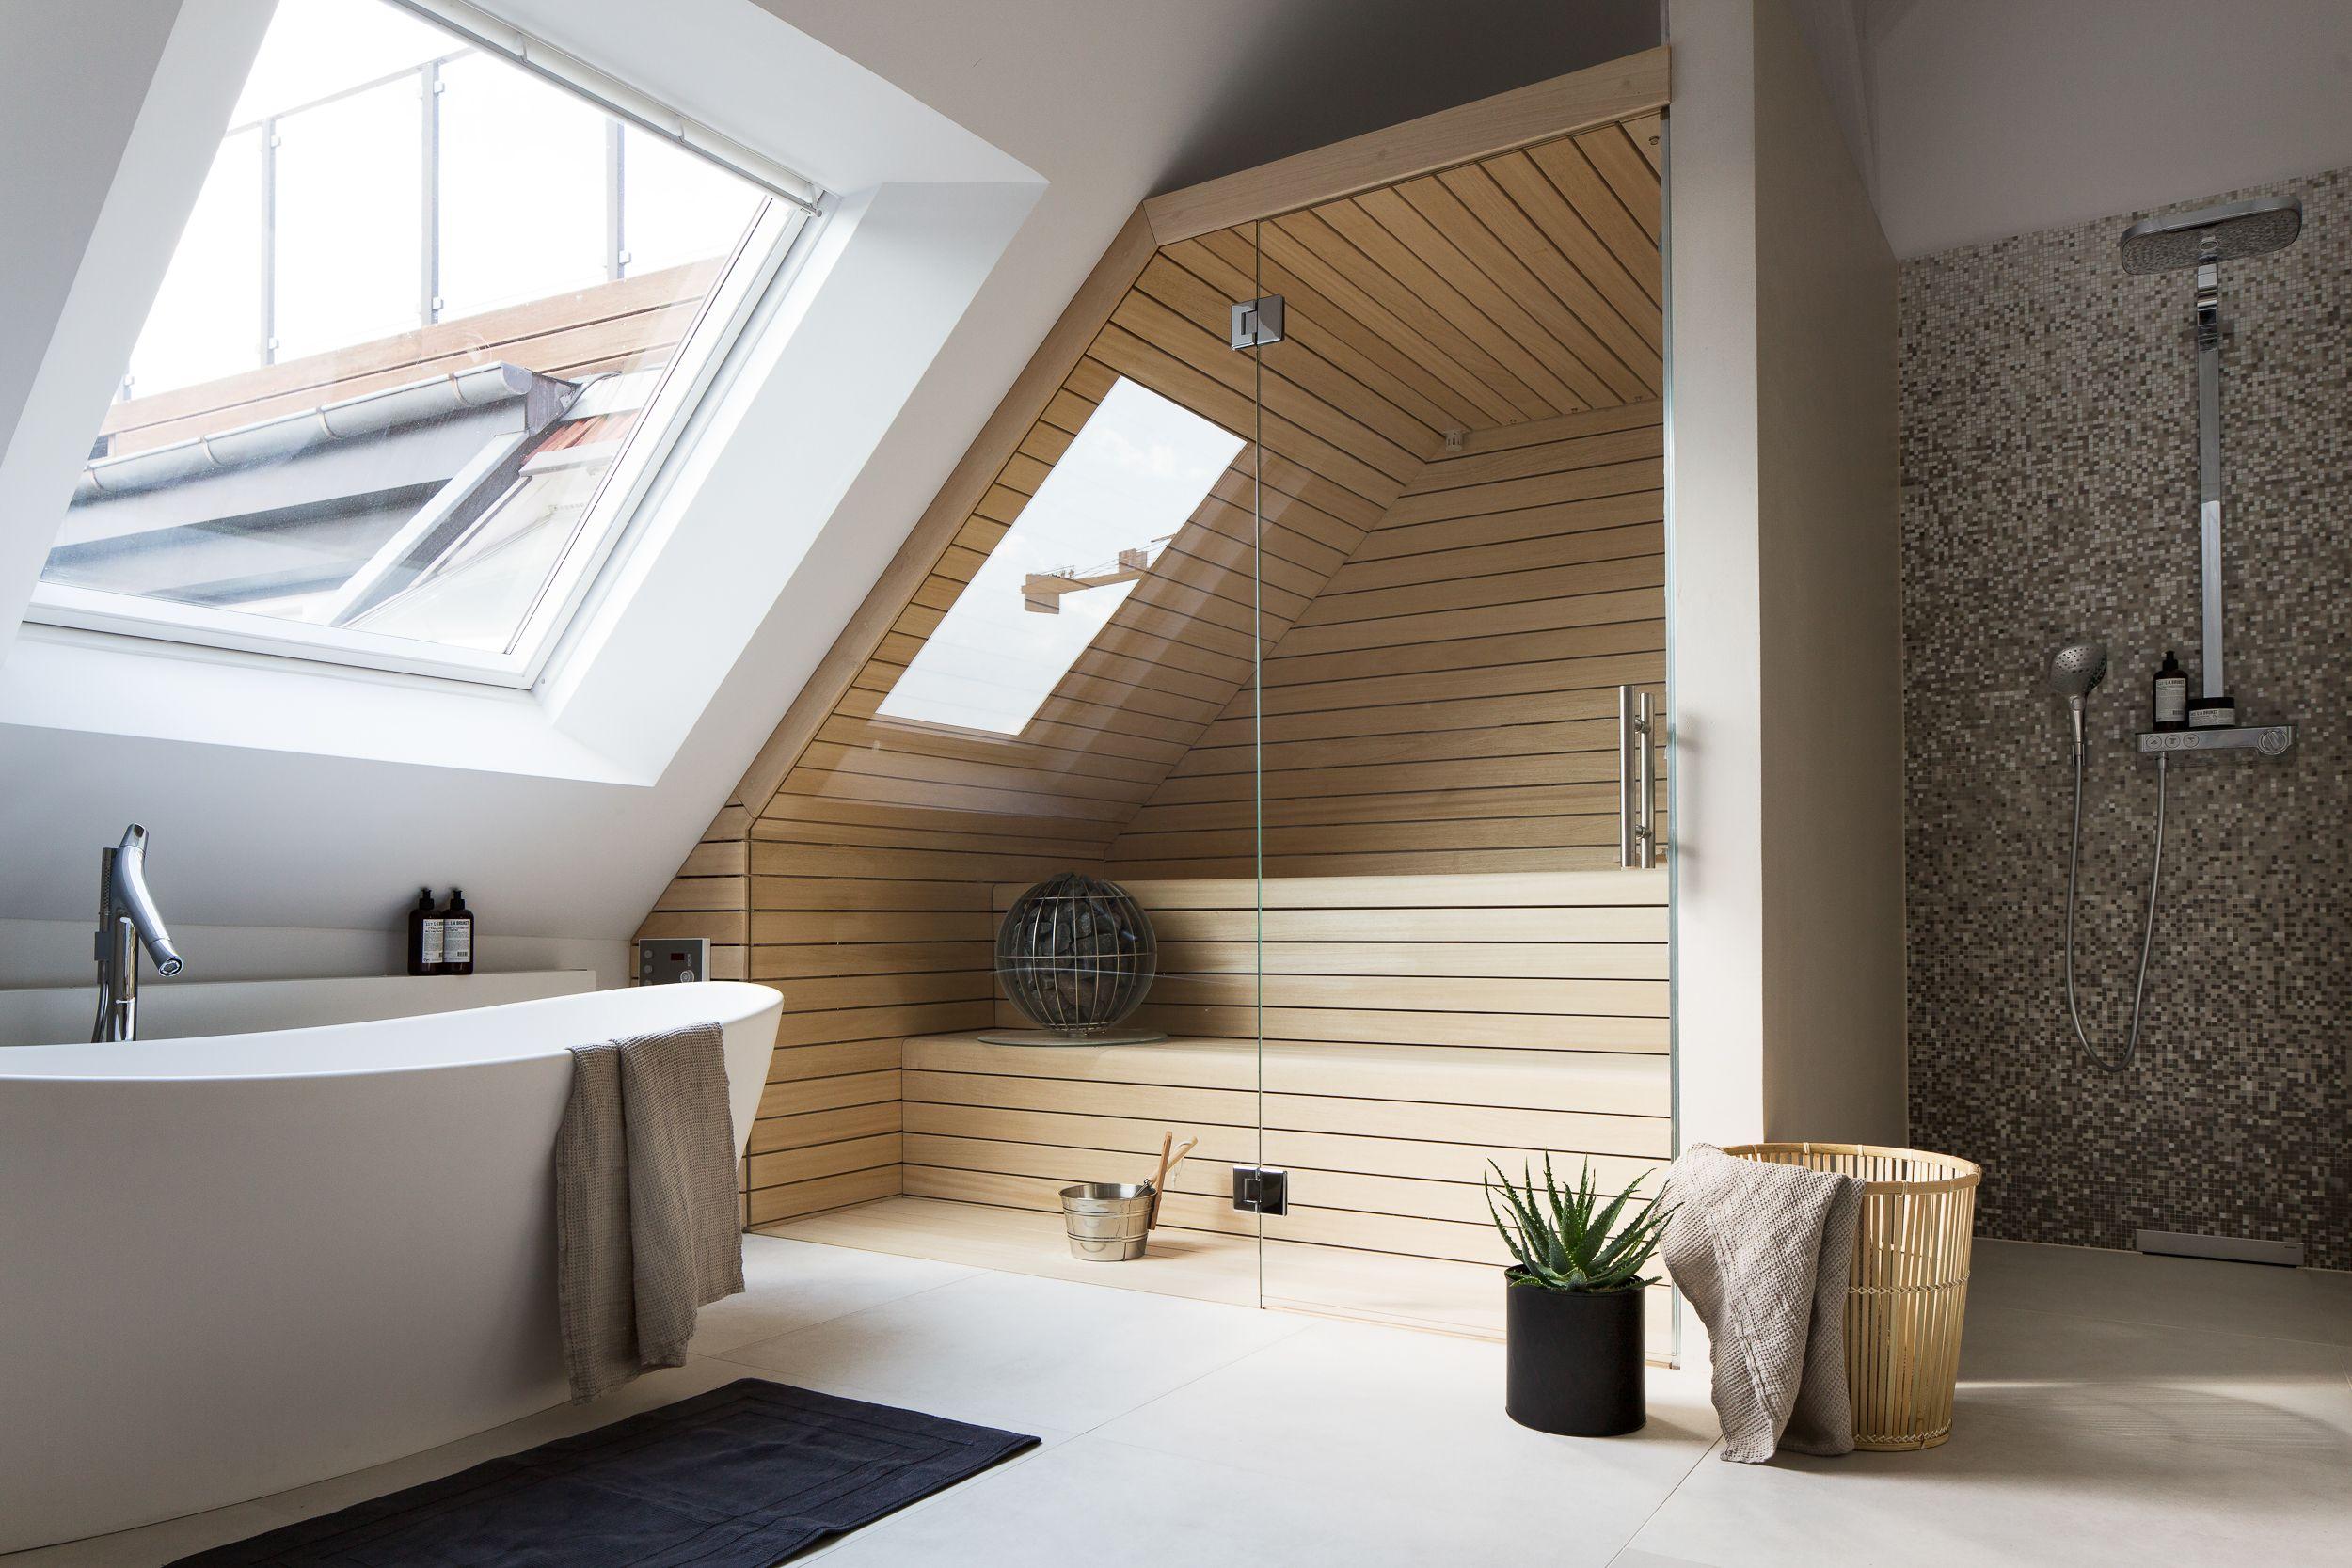 Badezimmer Fachwerk ~ Huf haus bad direkt unter dem dach mit sauna fachwerk von huf